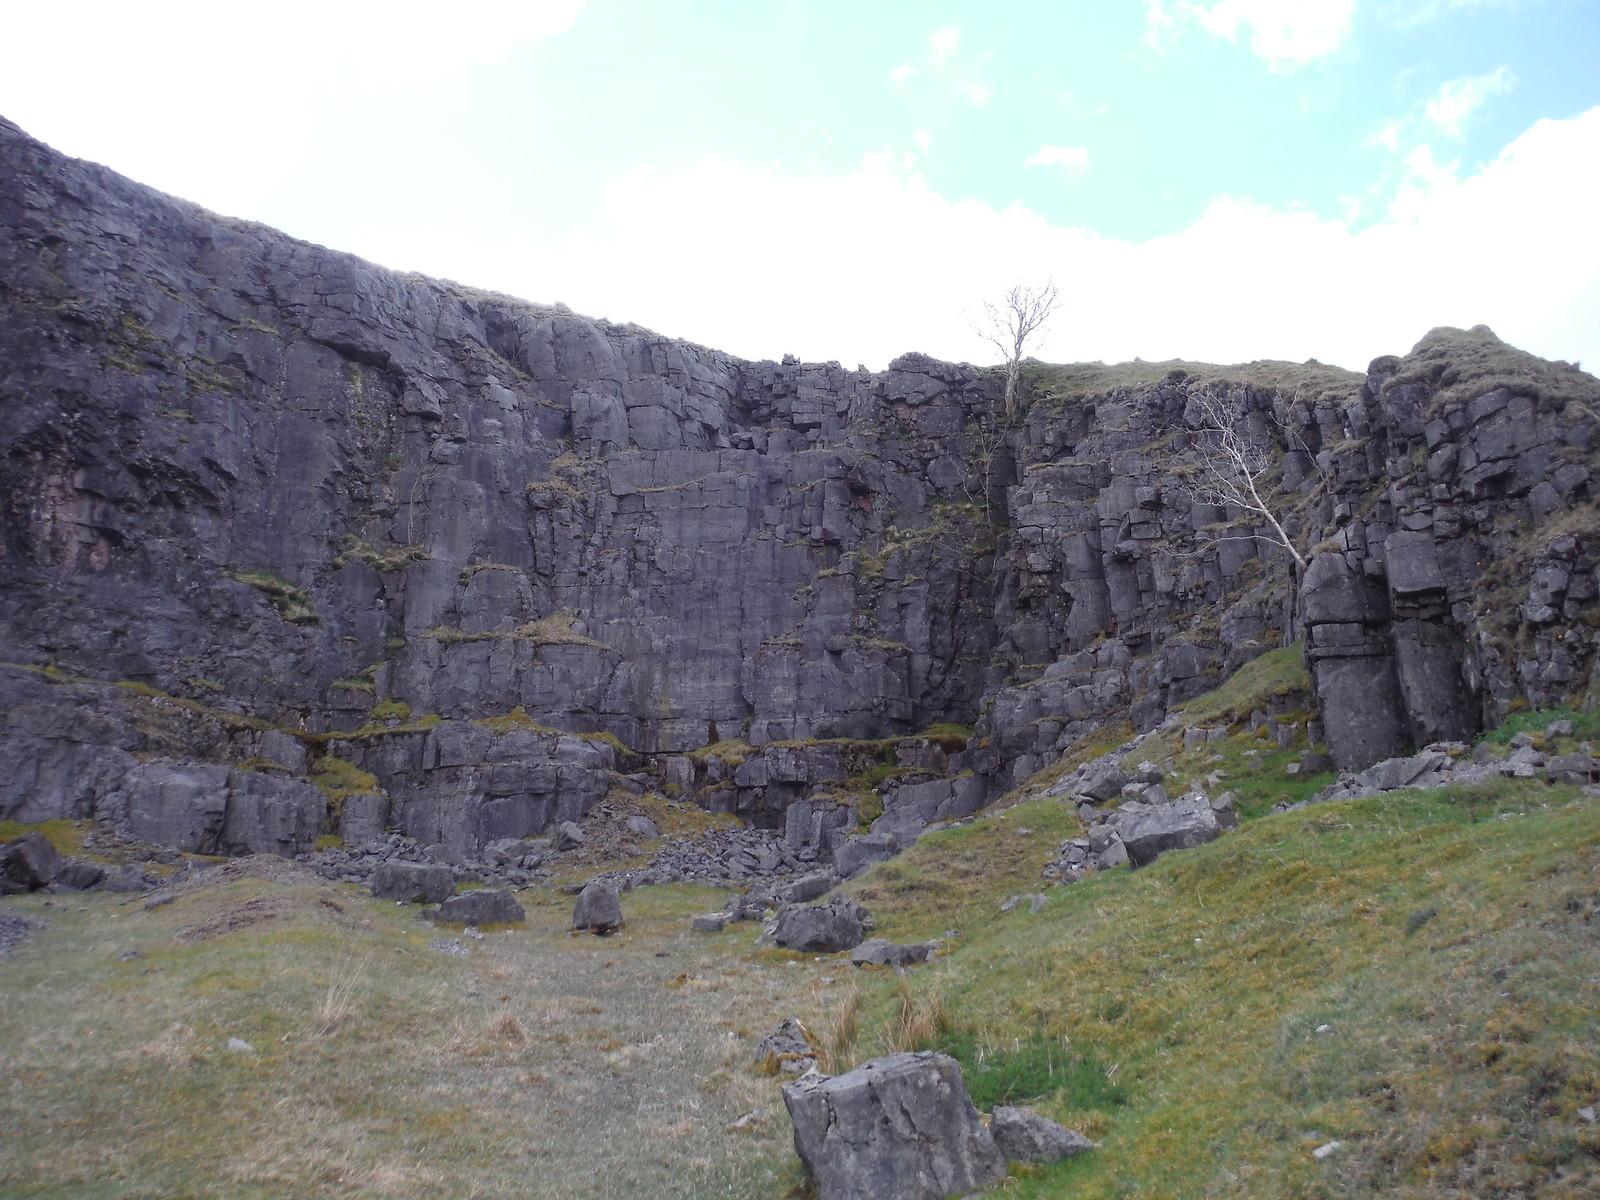 Quarry just off Dismantled Tramway SWC Walk 307 - Fforest Fawr Traverse (Craig y Nos to Llwyn-y-celyn)